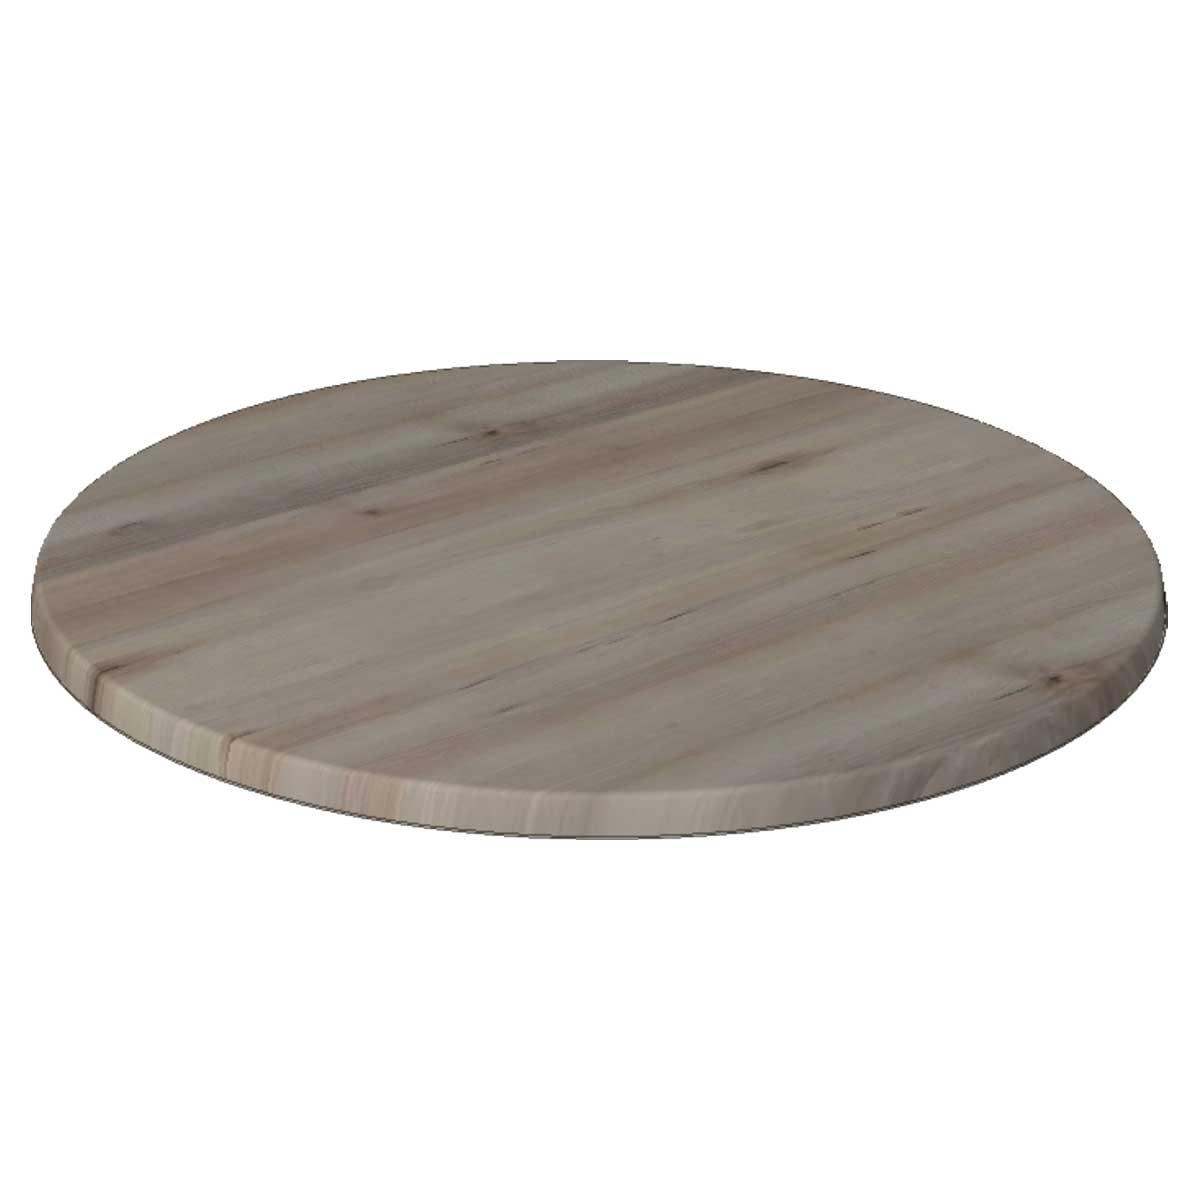 TICLA R70 246 - https://www.werzalit.com/nl/product/tafelblad-classic-werzalit-r-oe100-246-idaho/